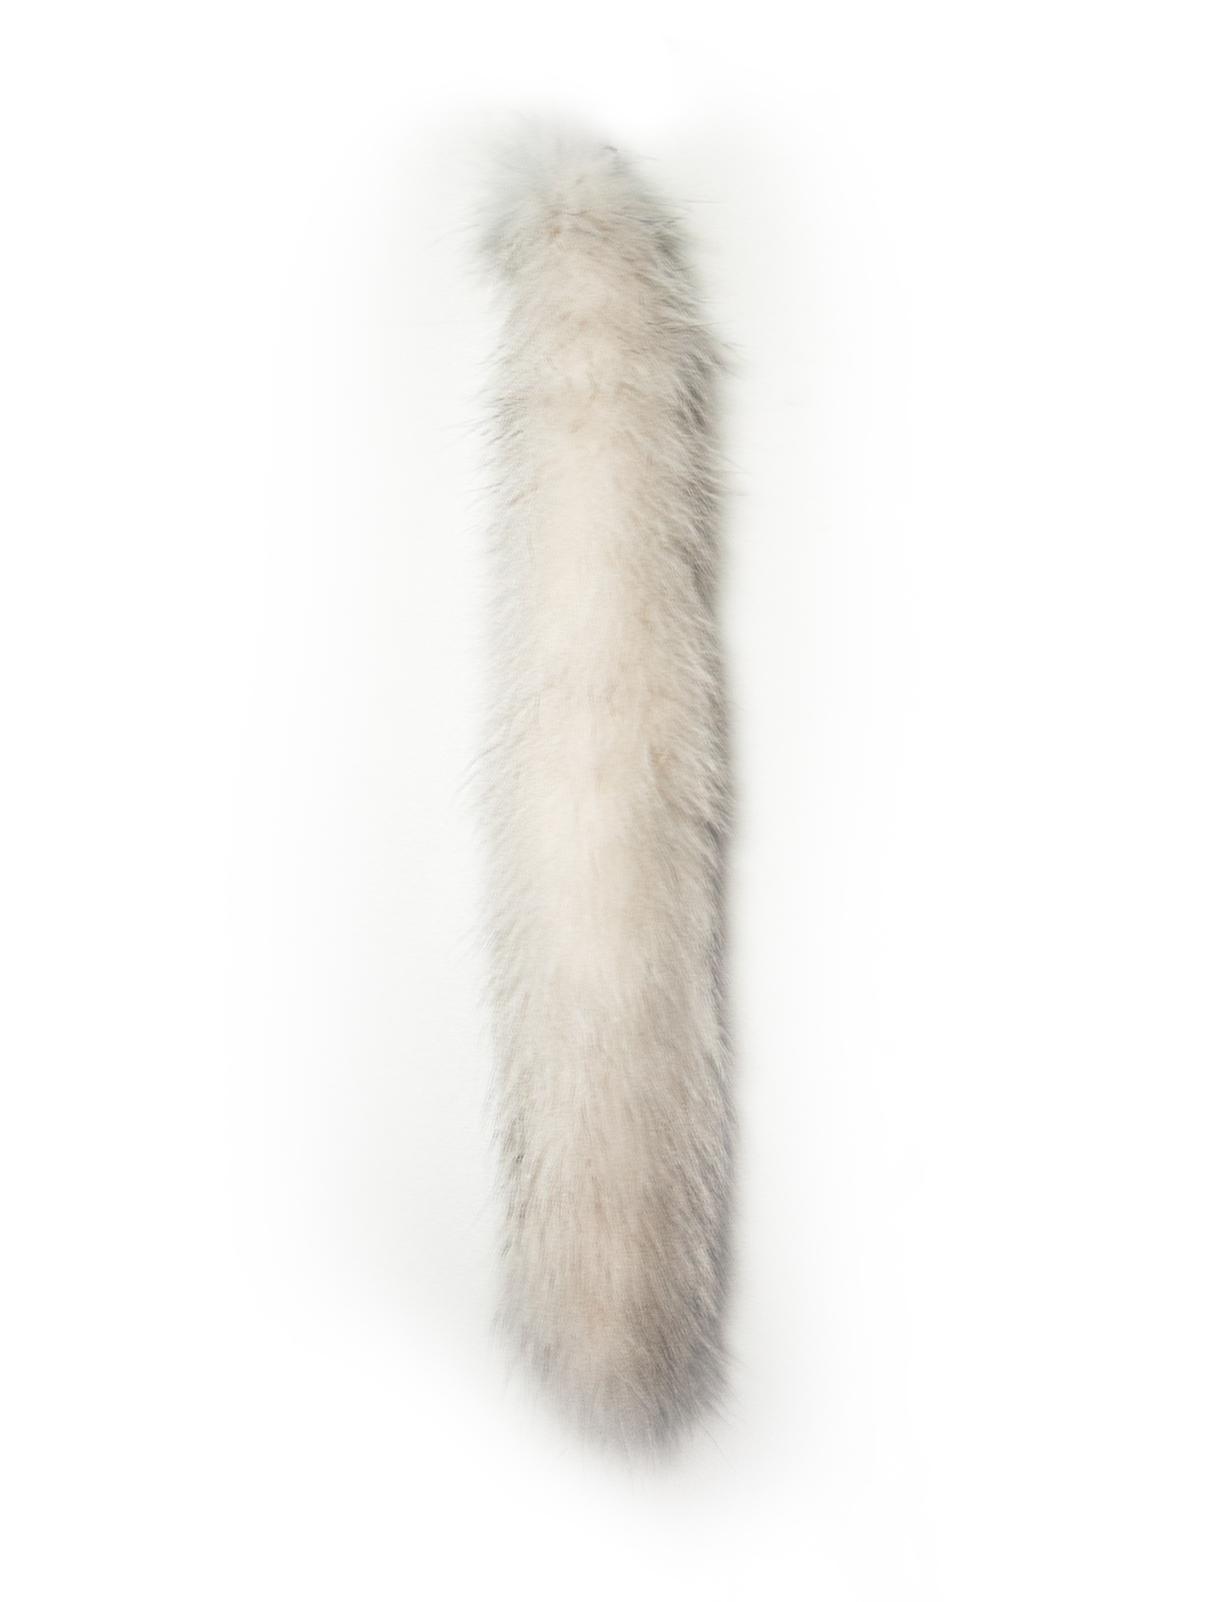 Опушка BASK МЕХ ЛИСА АРКТИЧЕСКАЯ  55*3 1212Опушка из натурального меха лисы арктической<br><br>Материал изготовления: натуральный мех лисы арктической<br>Пол: Унисекс<br>Цвет: НЕИЗВЕСТНЫЙ